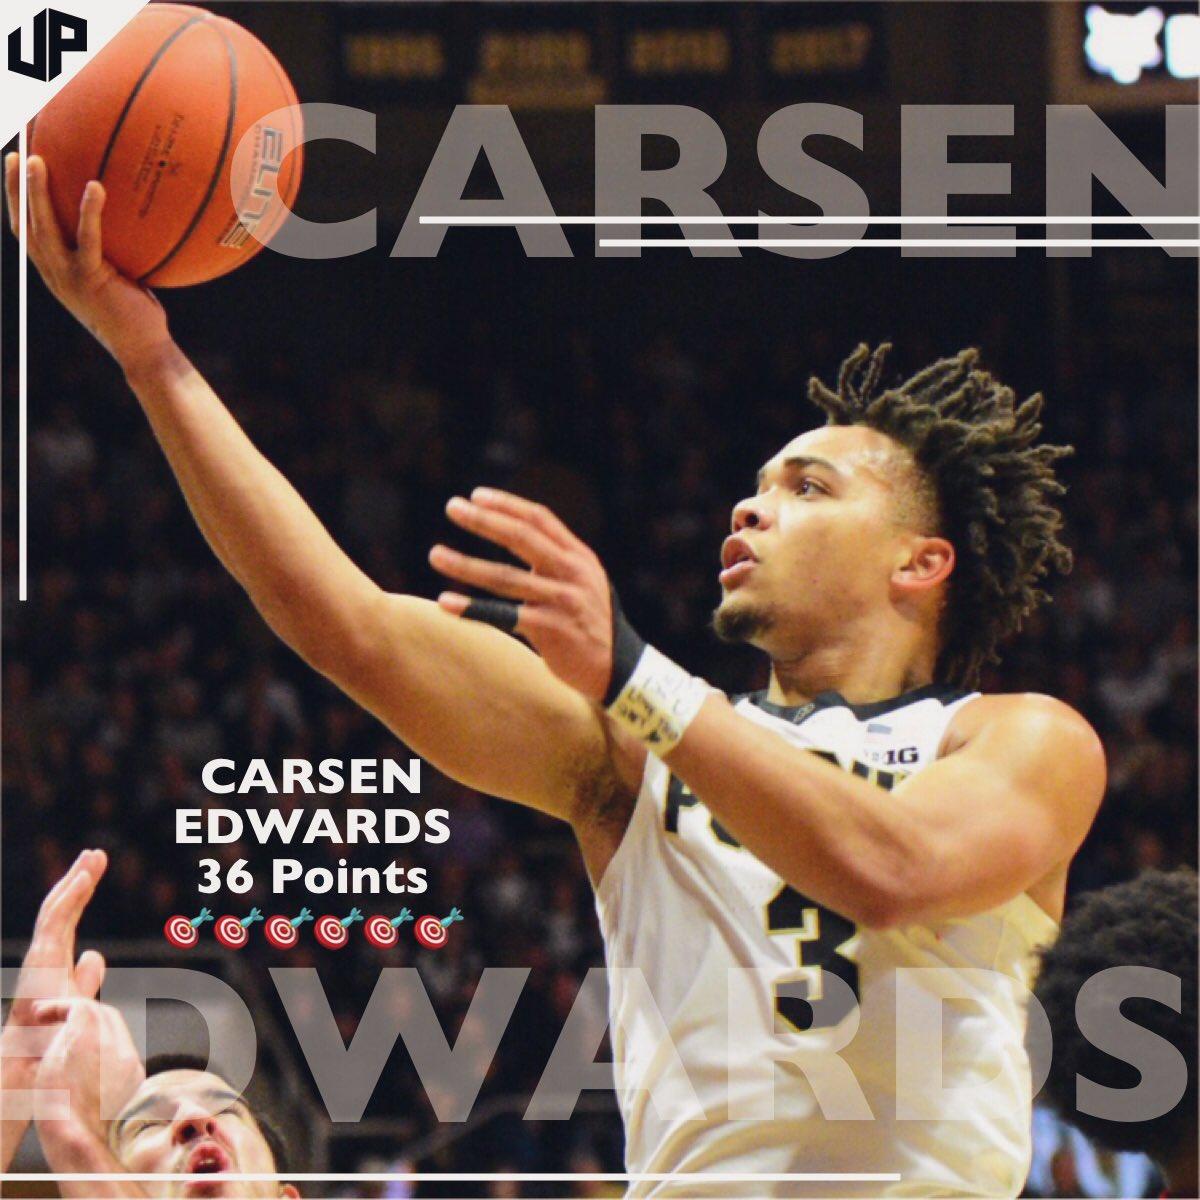 ISC Purdue 🚂💨💨💨's photo on Carsen Edwards